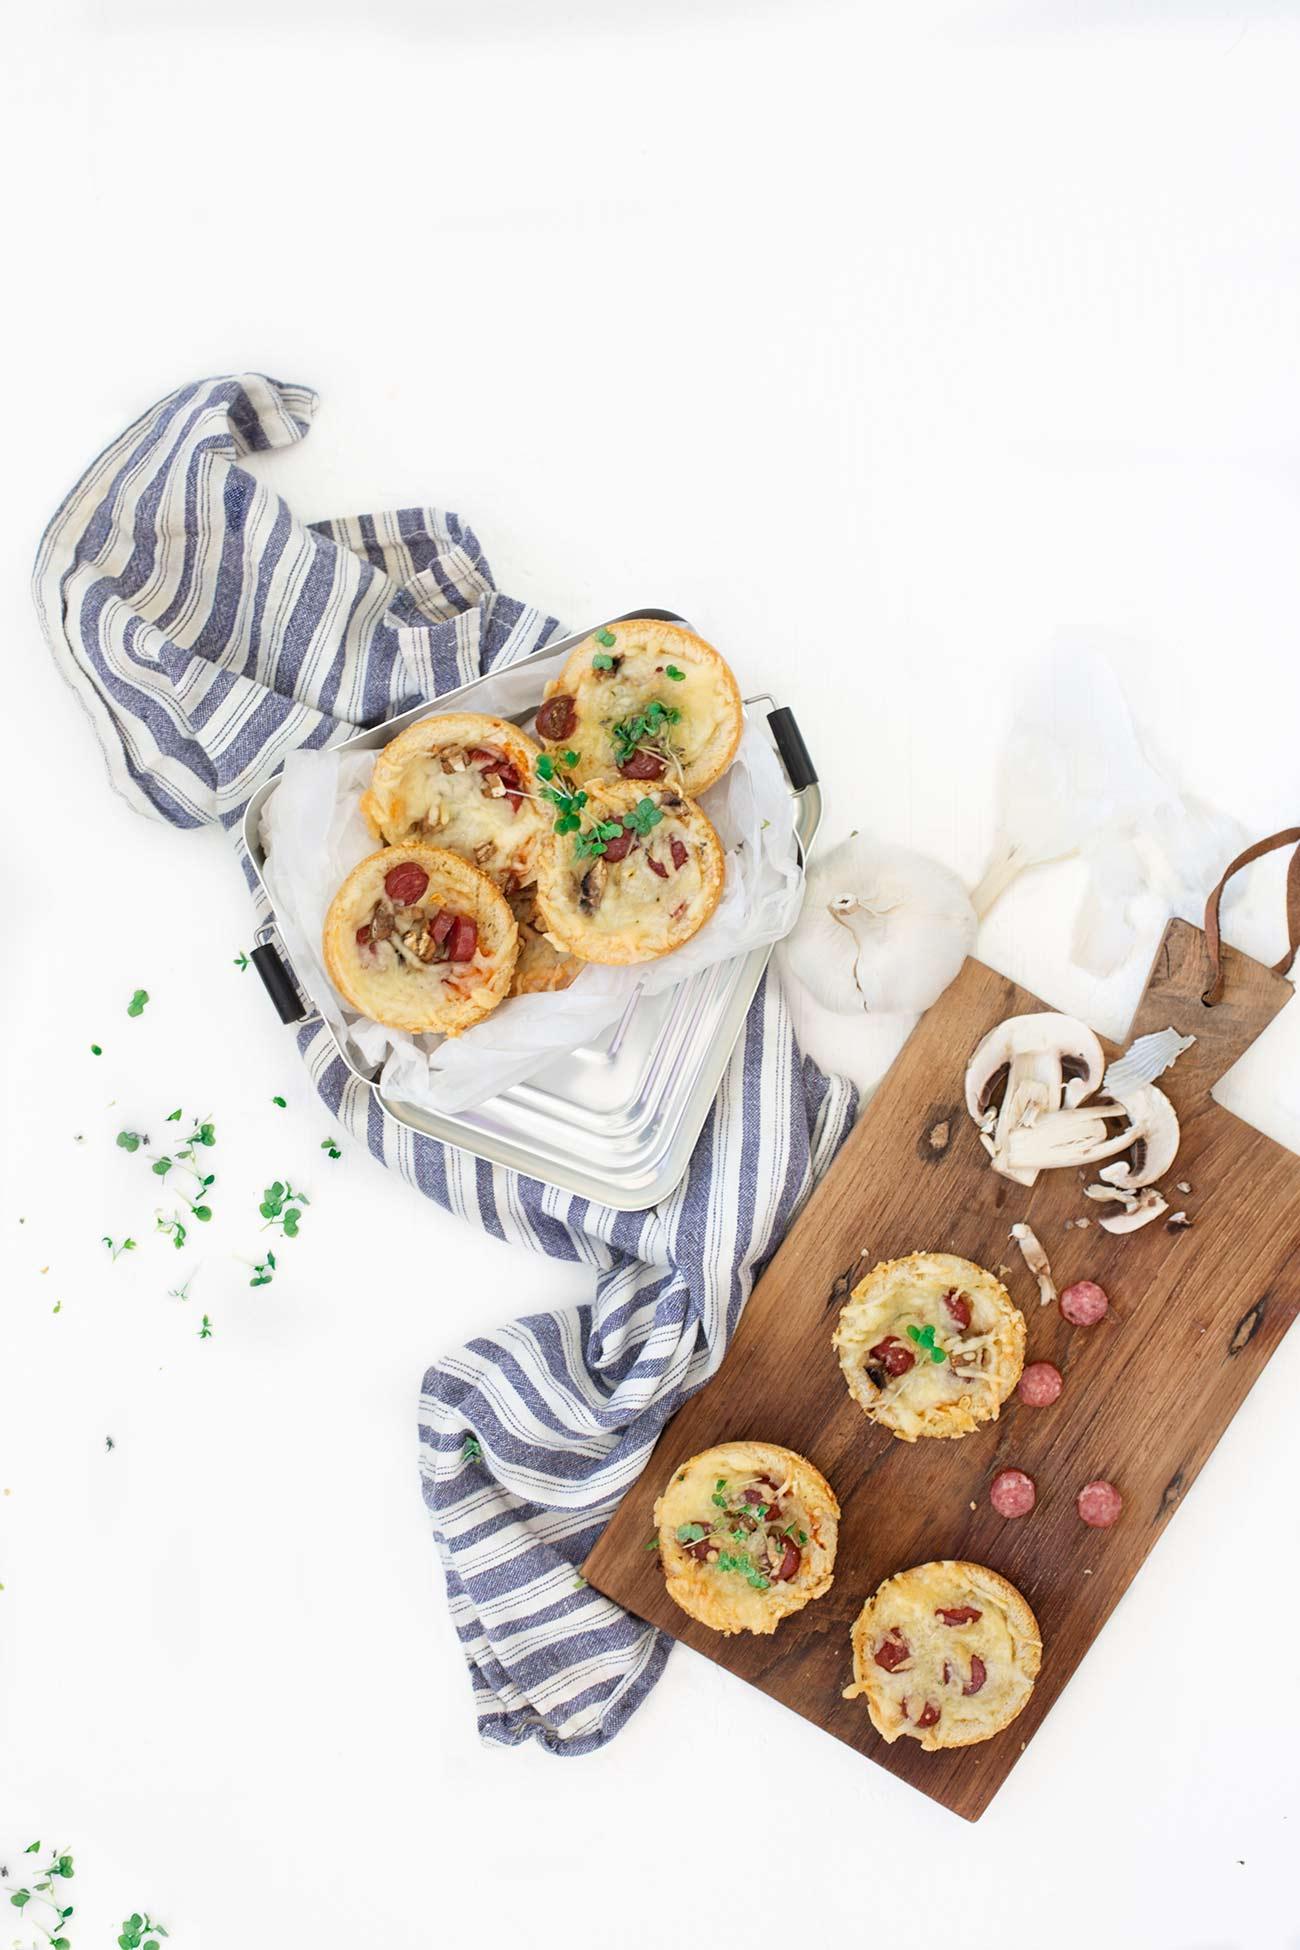 """Schnell gemachte Knoblauch-Pizzabrote  Mit einem """"Haps"""" sind sie im Mund. Köstlich! Die perfekten """"Kleinen"""" für die Brotbox oder für den Grillabend. Knoblauchbrot aus Toastbrot mit Deinen Lieblingszutaten."""